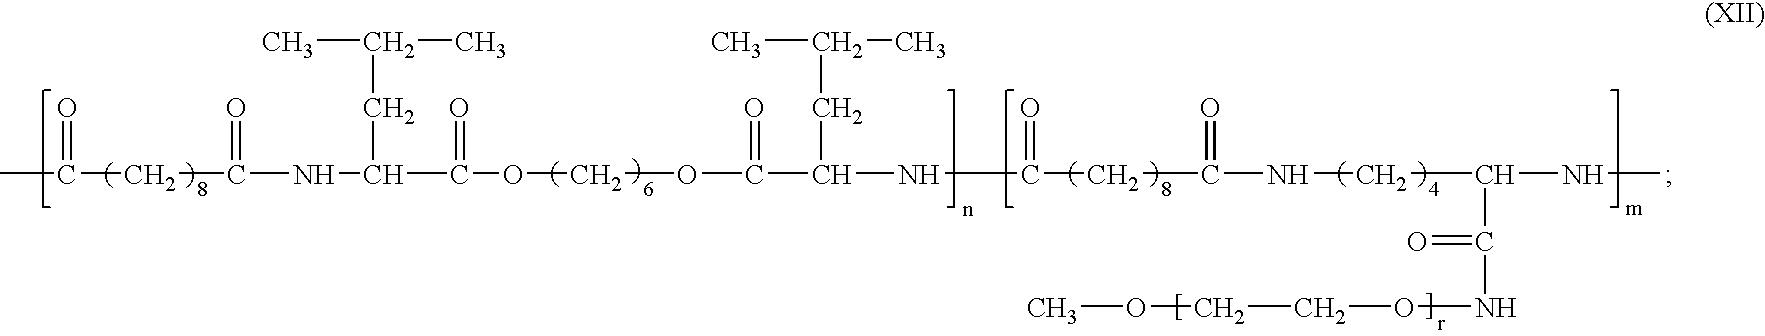 Figure US20050288481A1-20051229-C00018